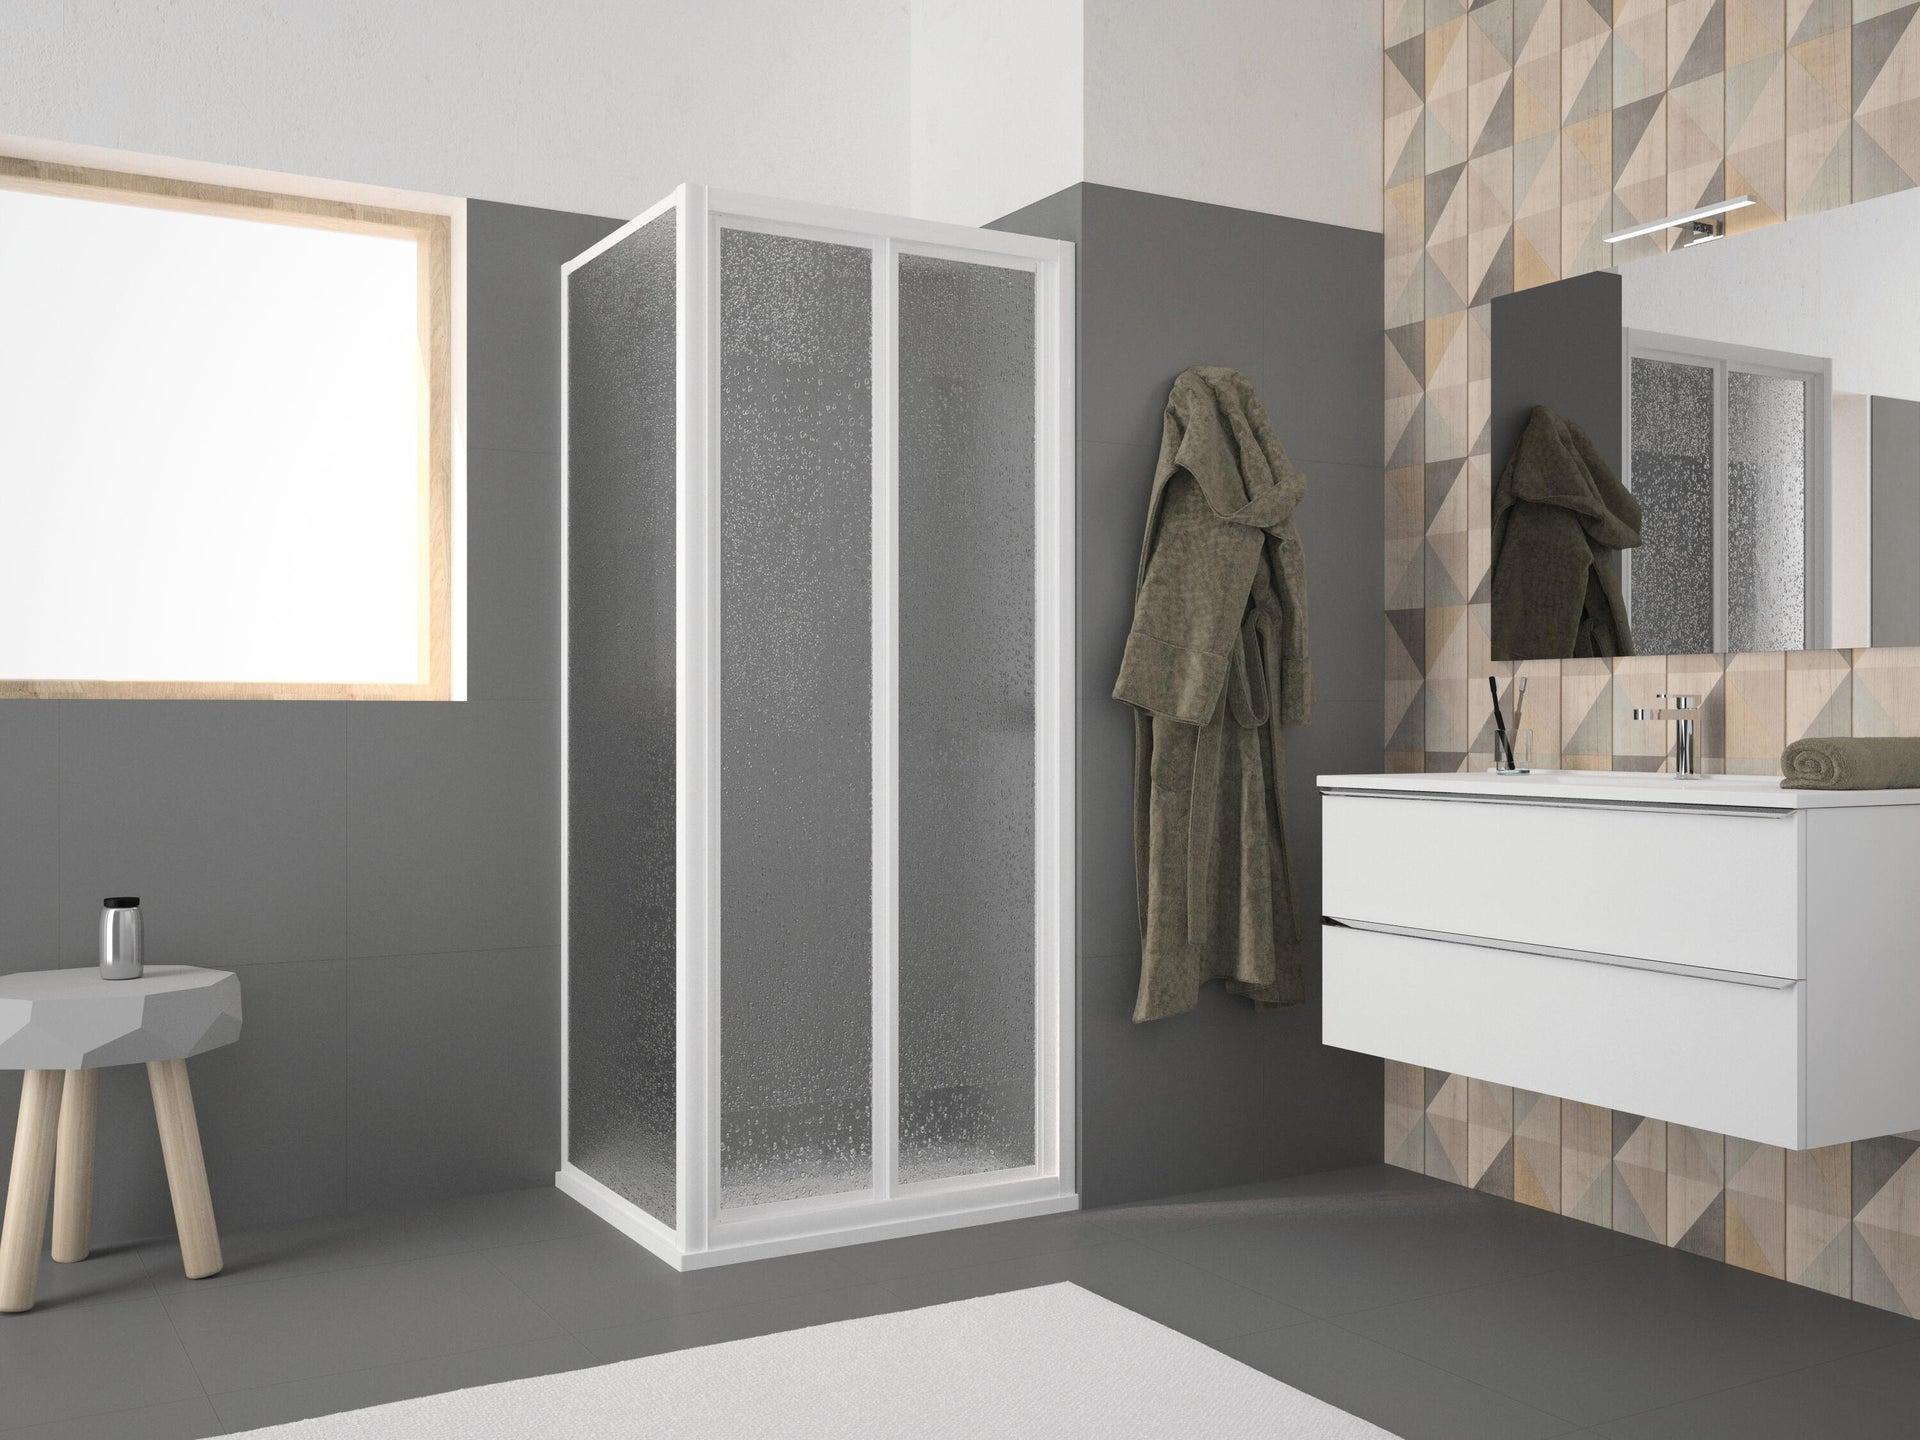 Porta doccia pieghevole Opale 90 cm, H 185 cm in acrilico, spessore 2.8 mm acrilico piumato bianco - 2